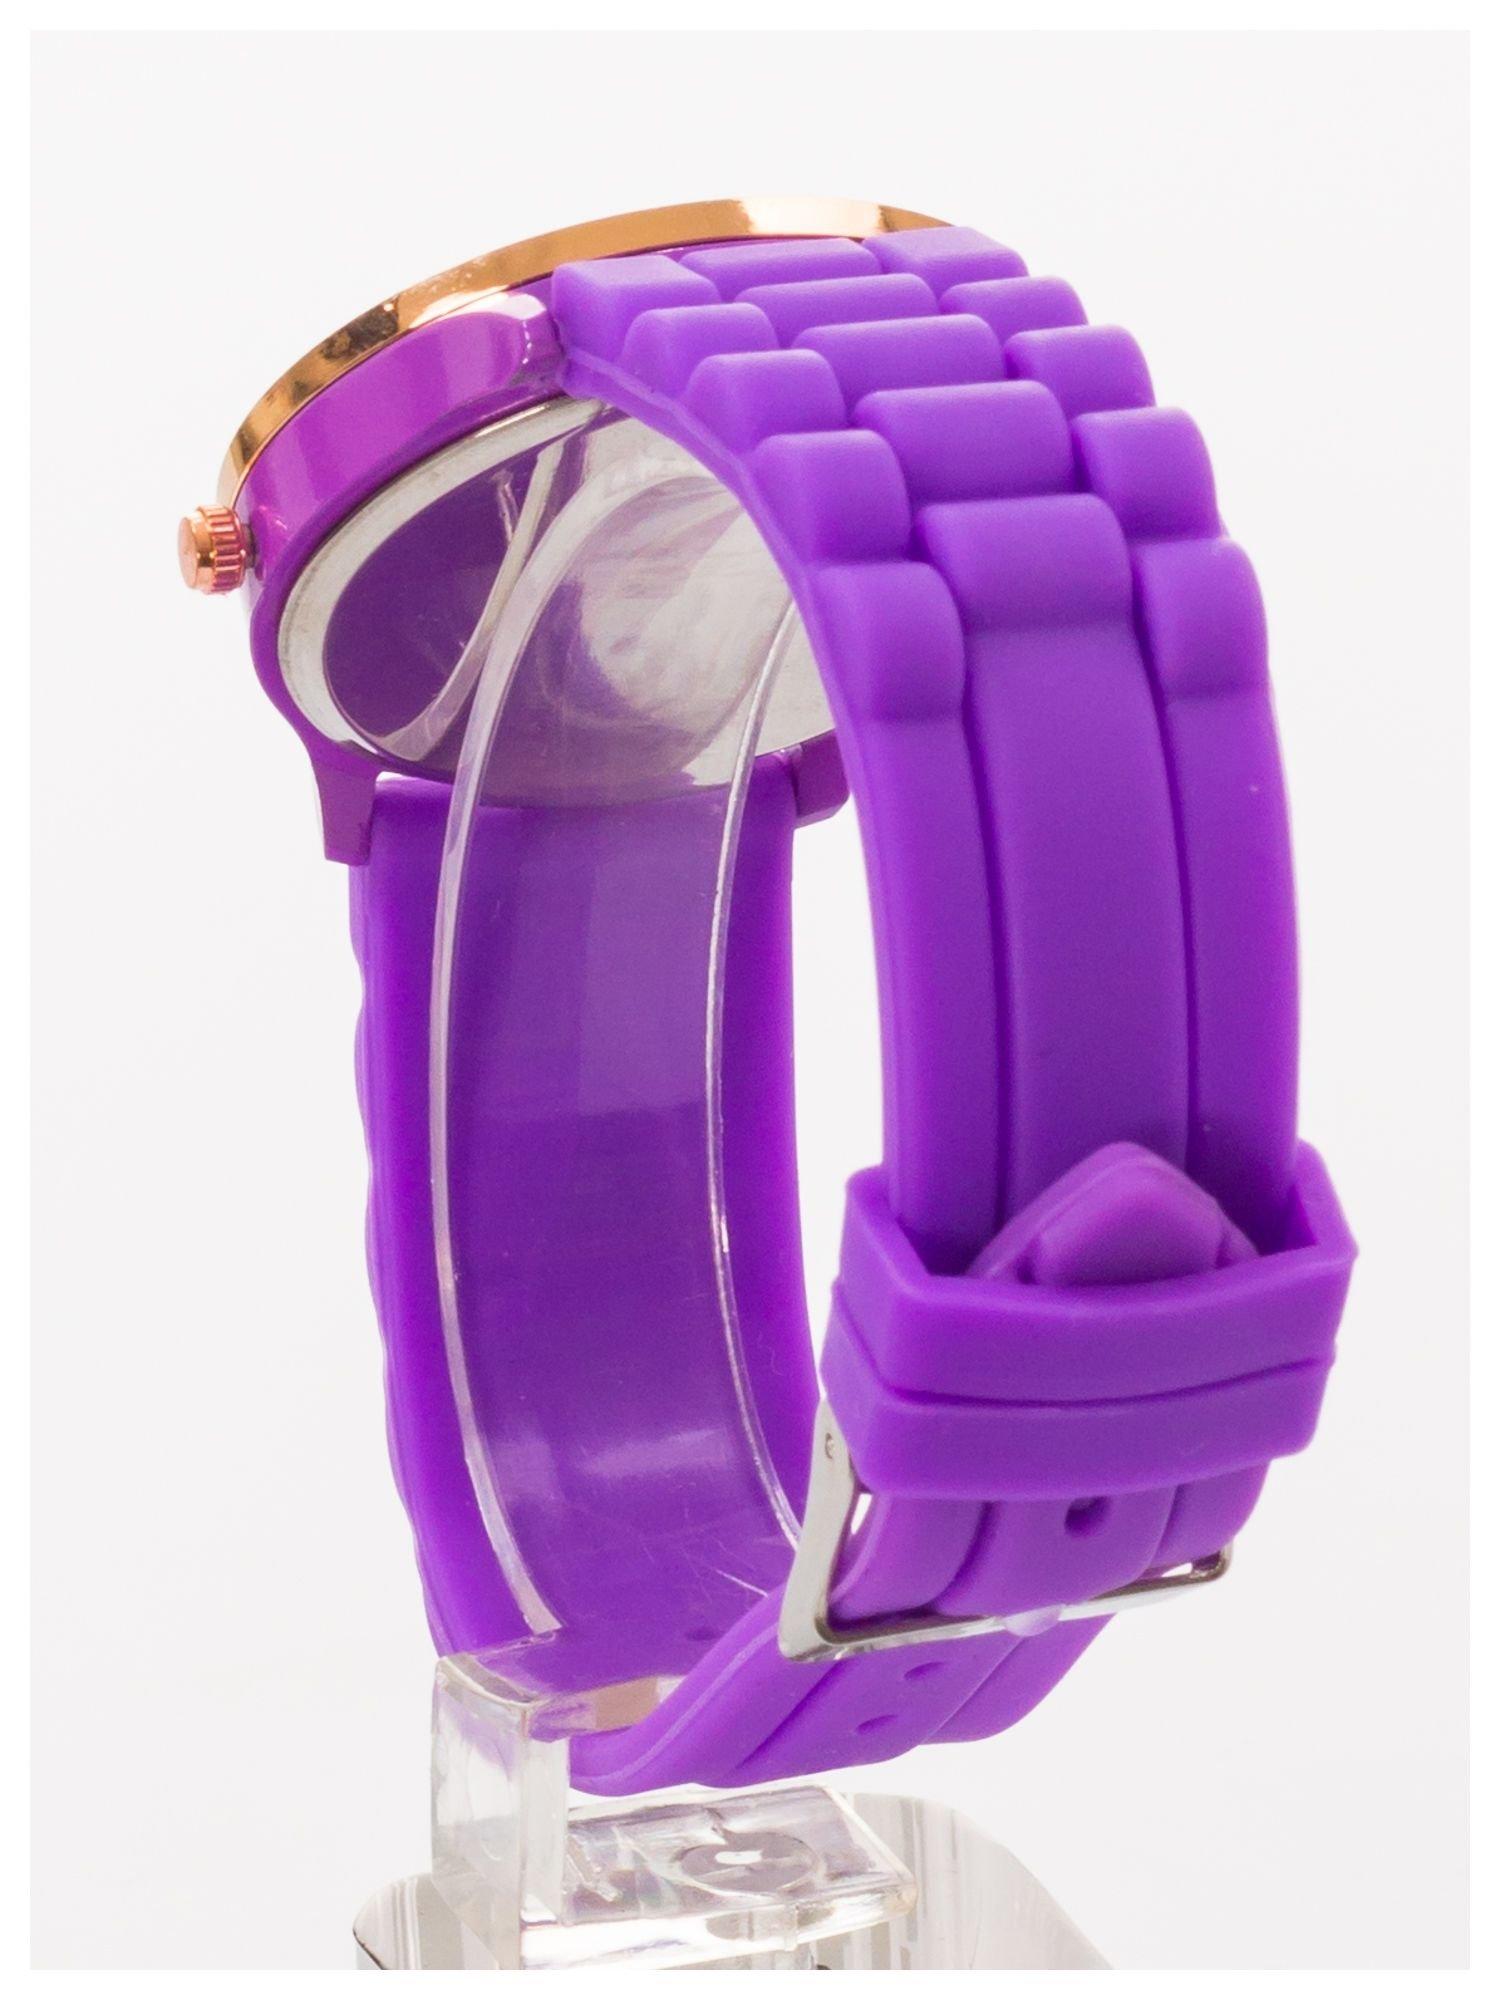 GENEVA Fioletowy zegarek damski z cyrkoniami na silikonowym pasku                                  zdj.                                  4